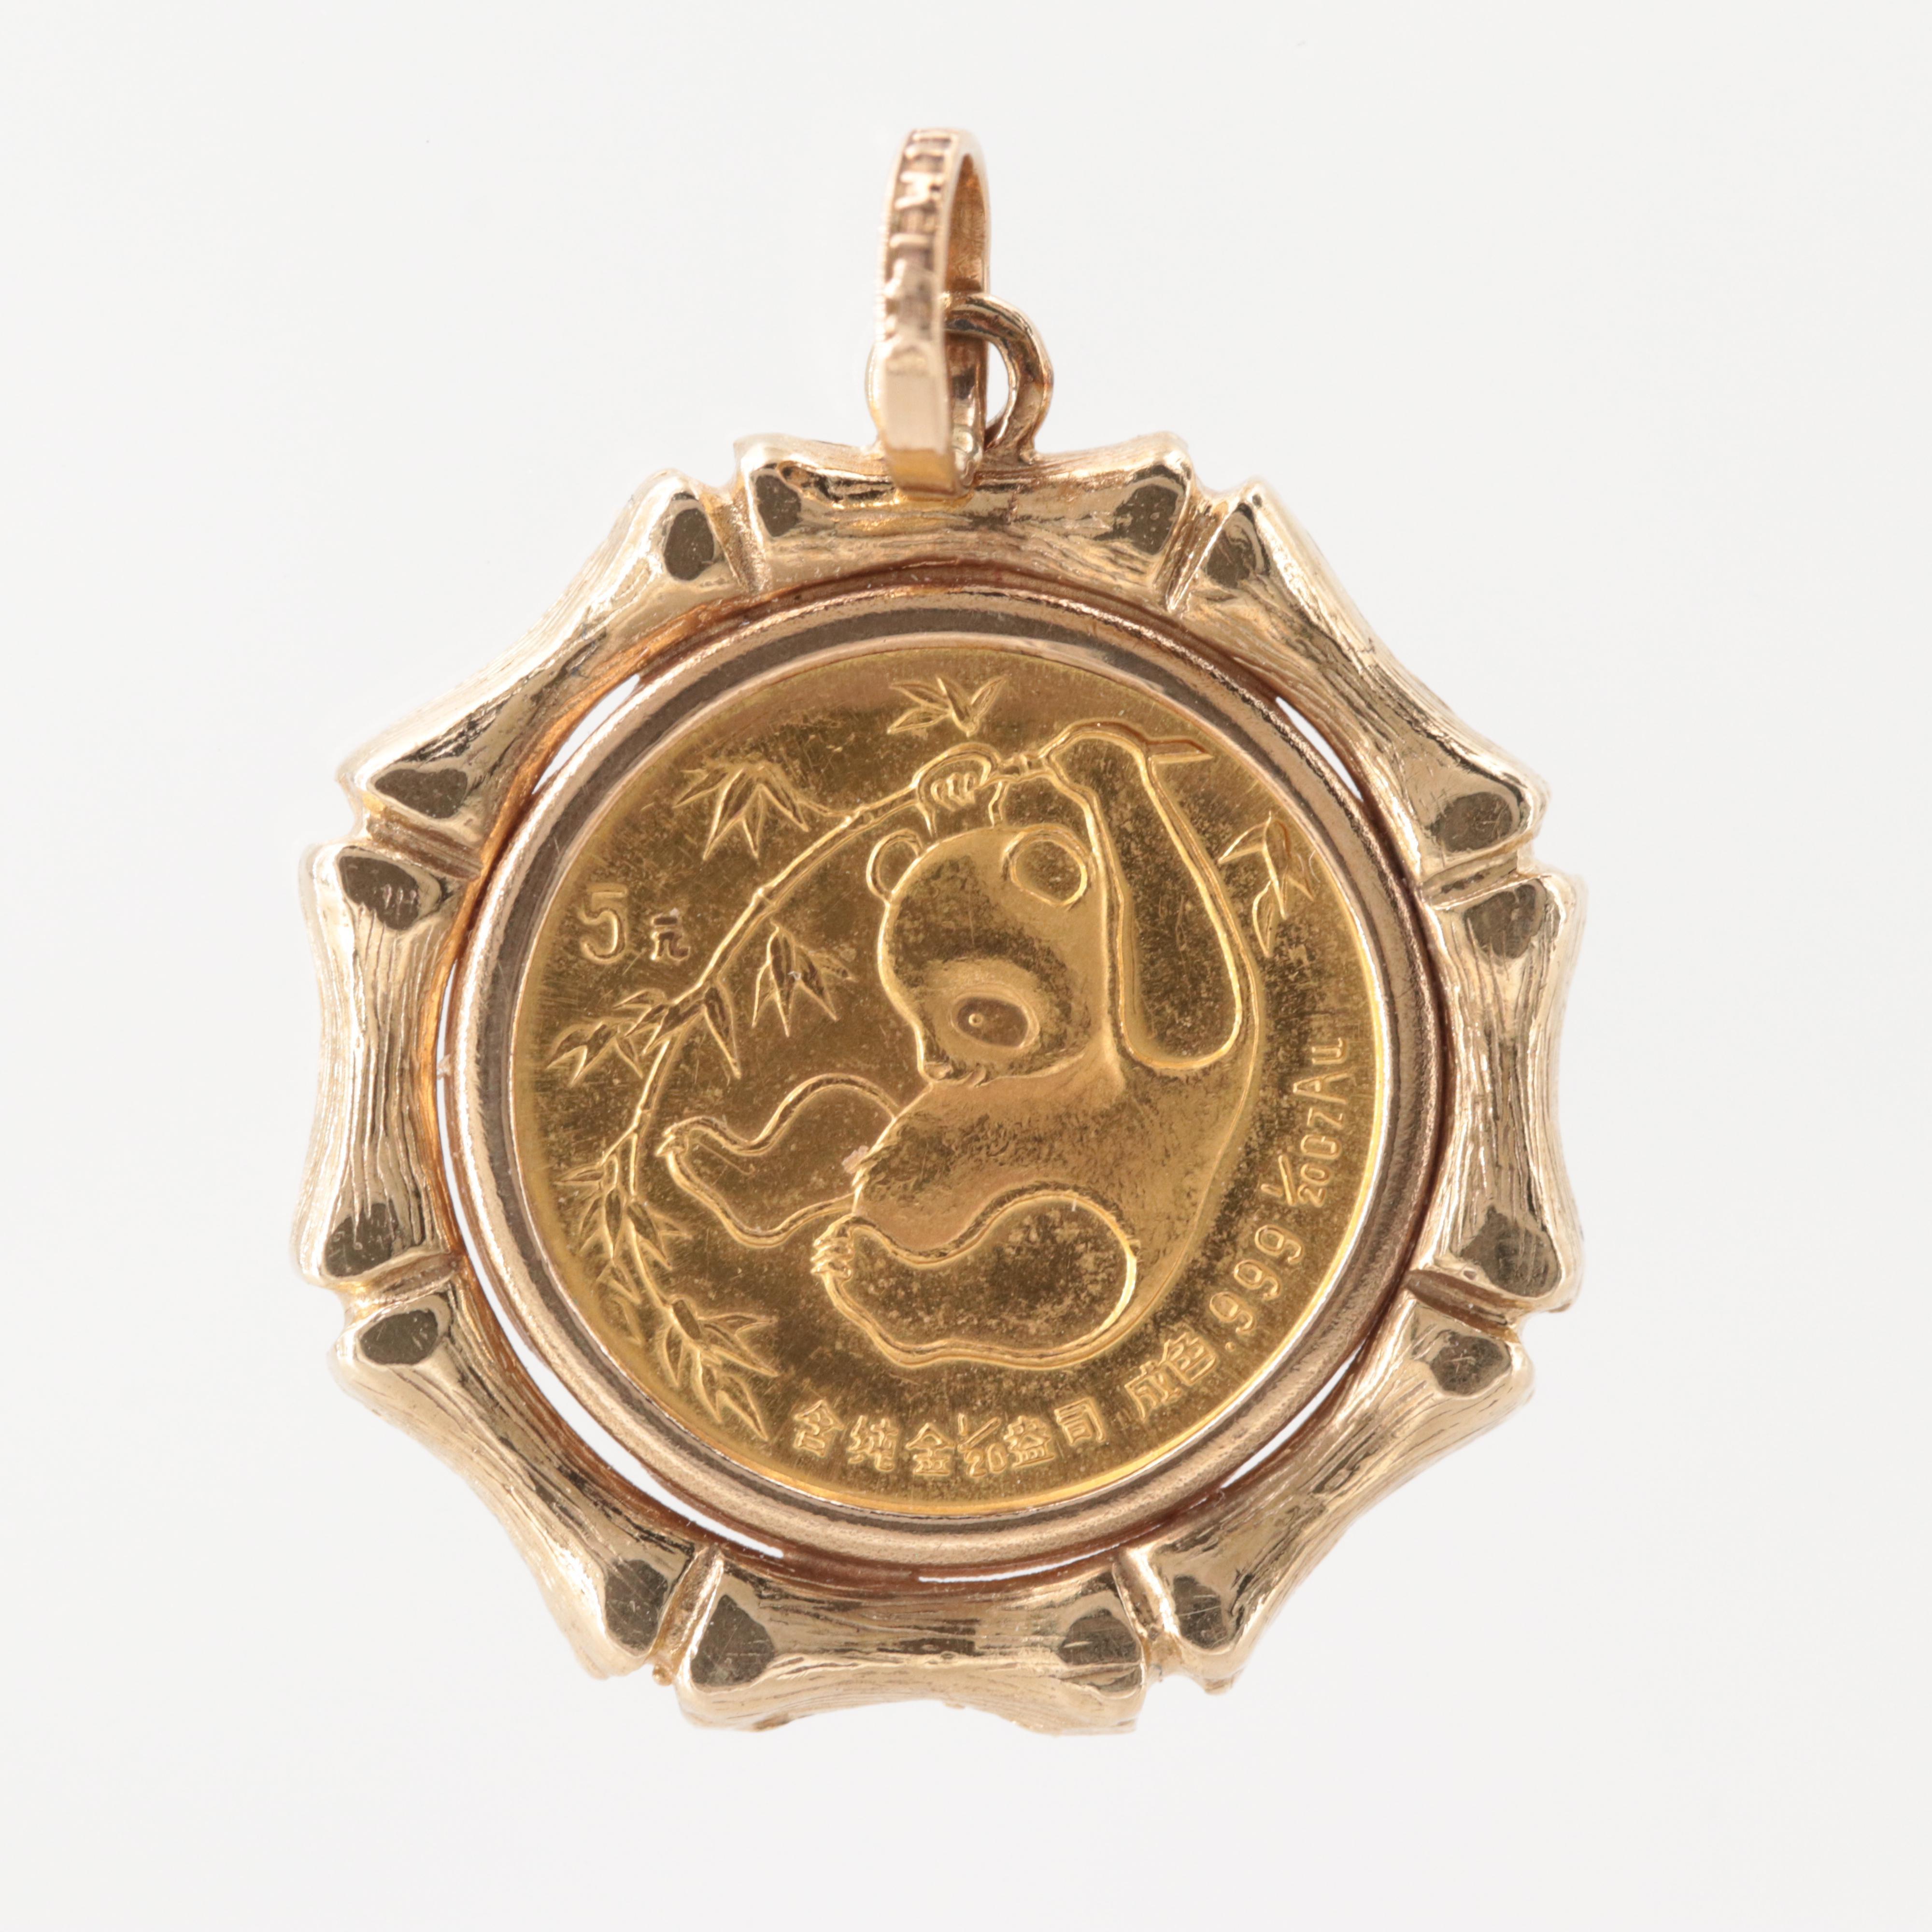 24K Chinese 5 Yuan Panda Coin in a 14K Yellow Gold Bezel